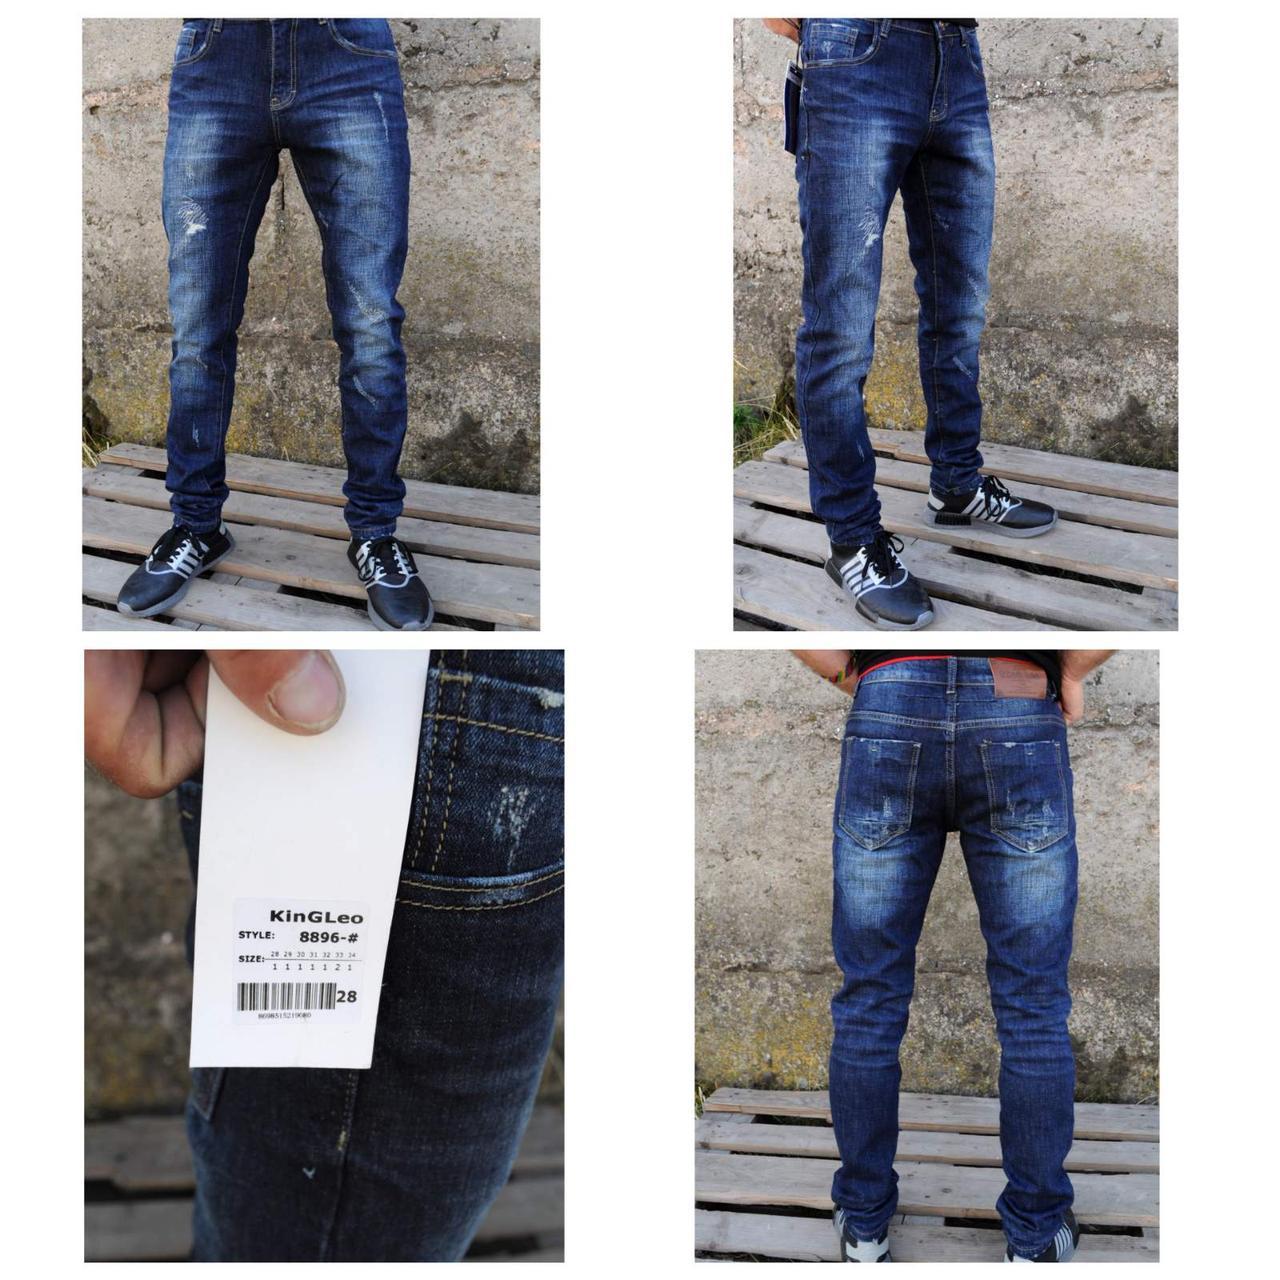 Мужские джинсы King Leo